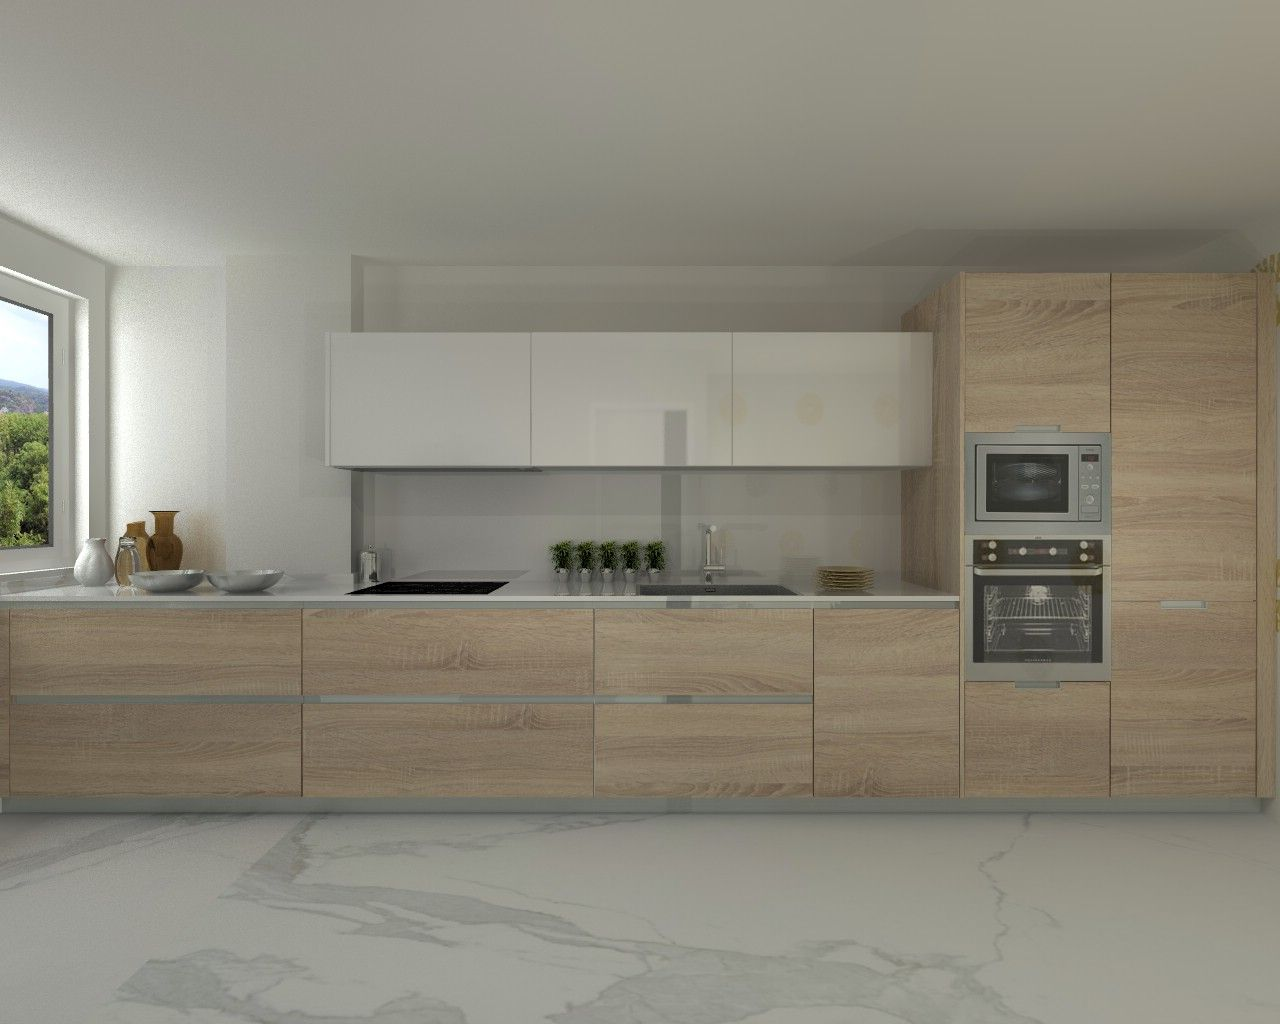 Modelo line e encimera silestone cocinas pinterest for Modelos de cocinas